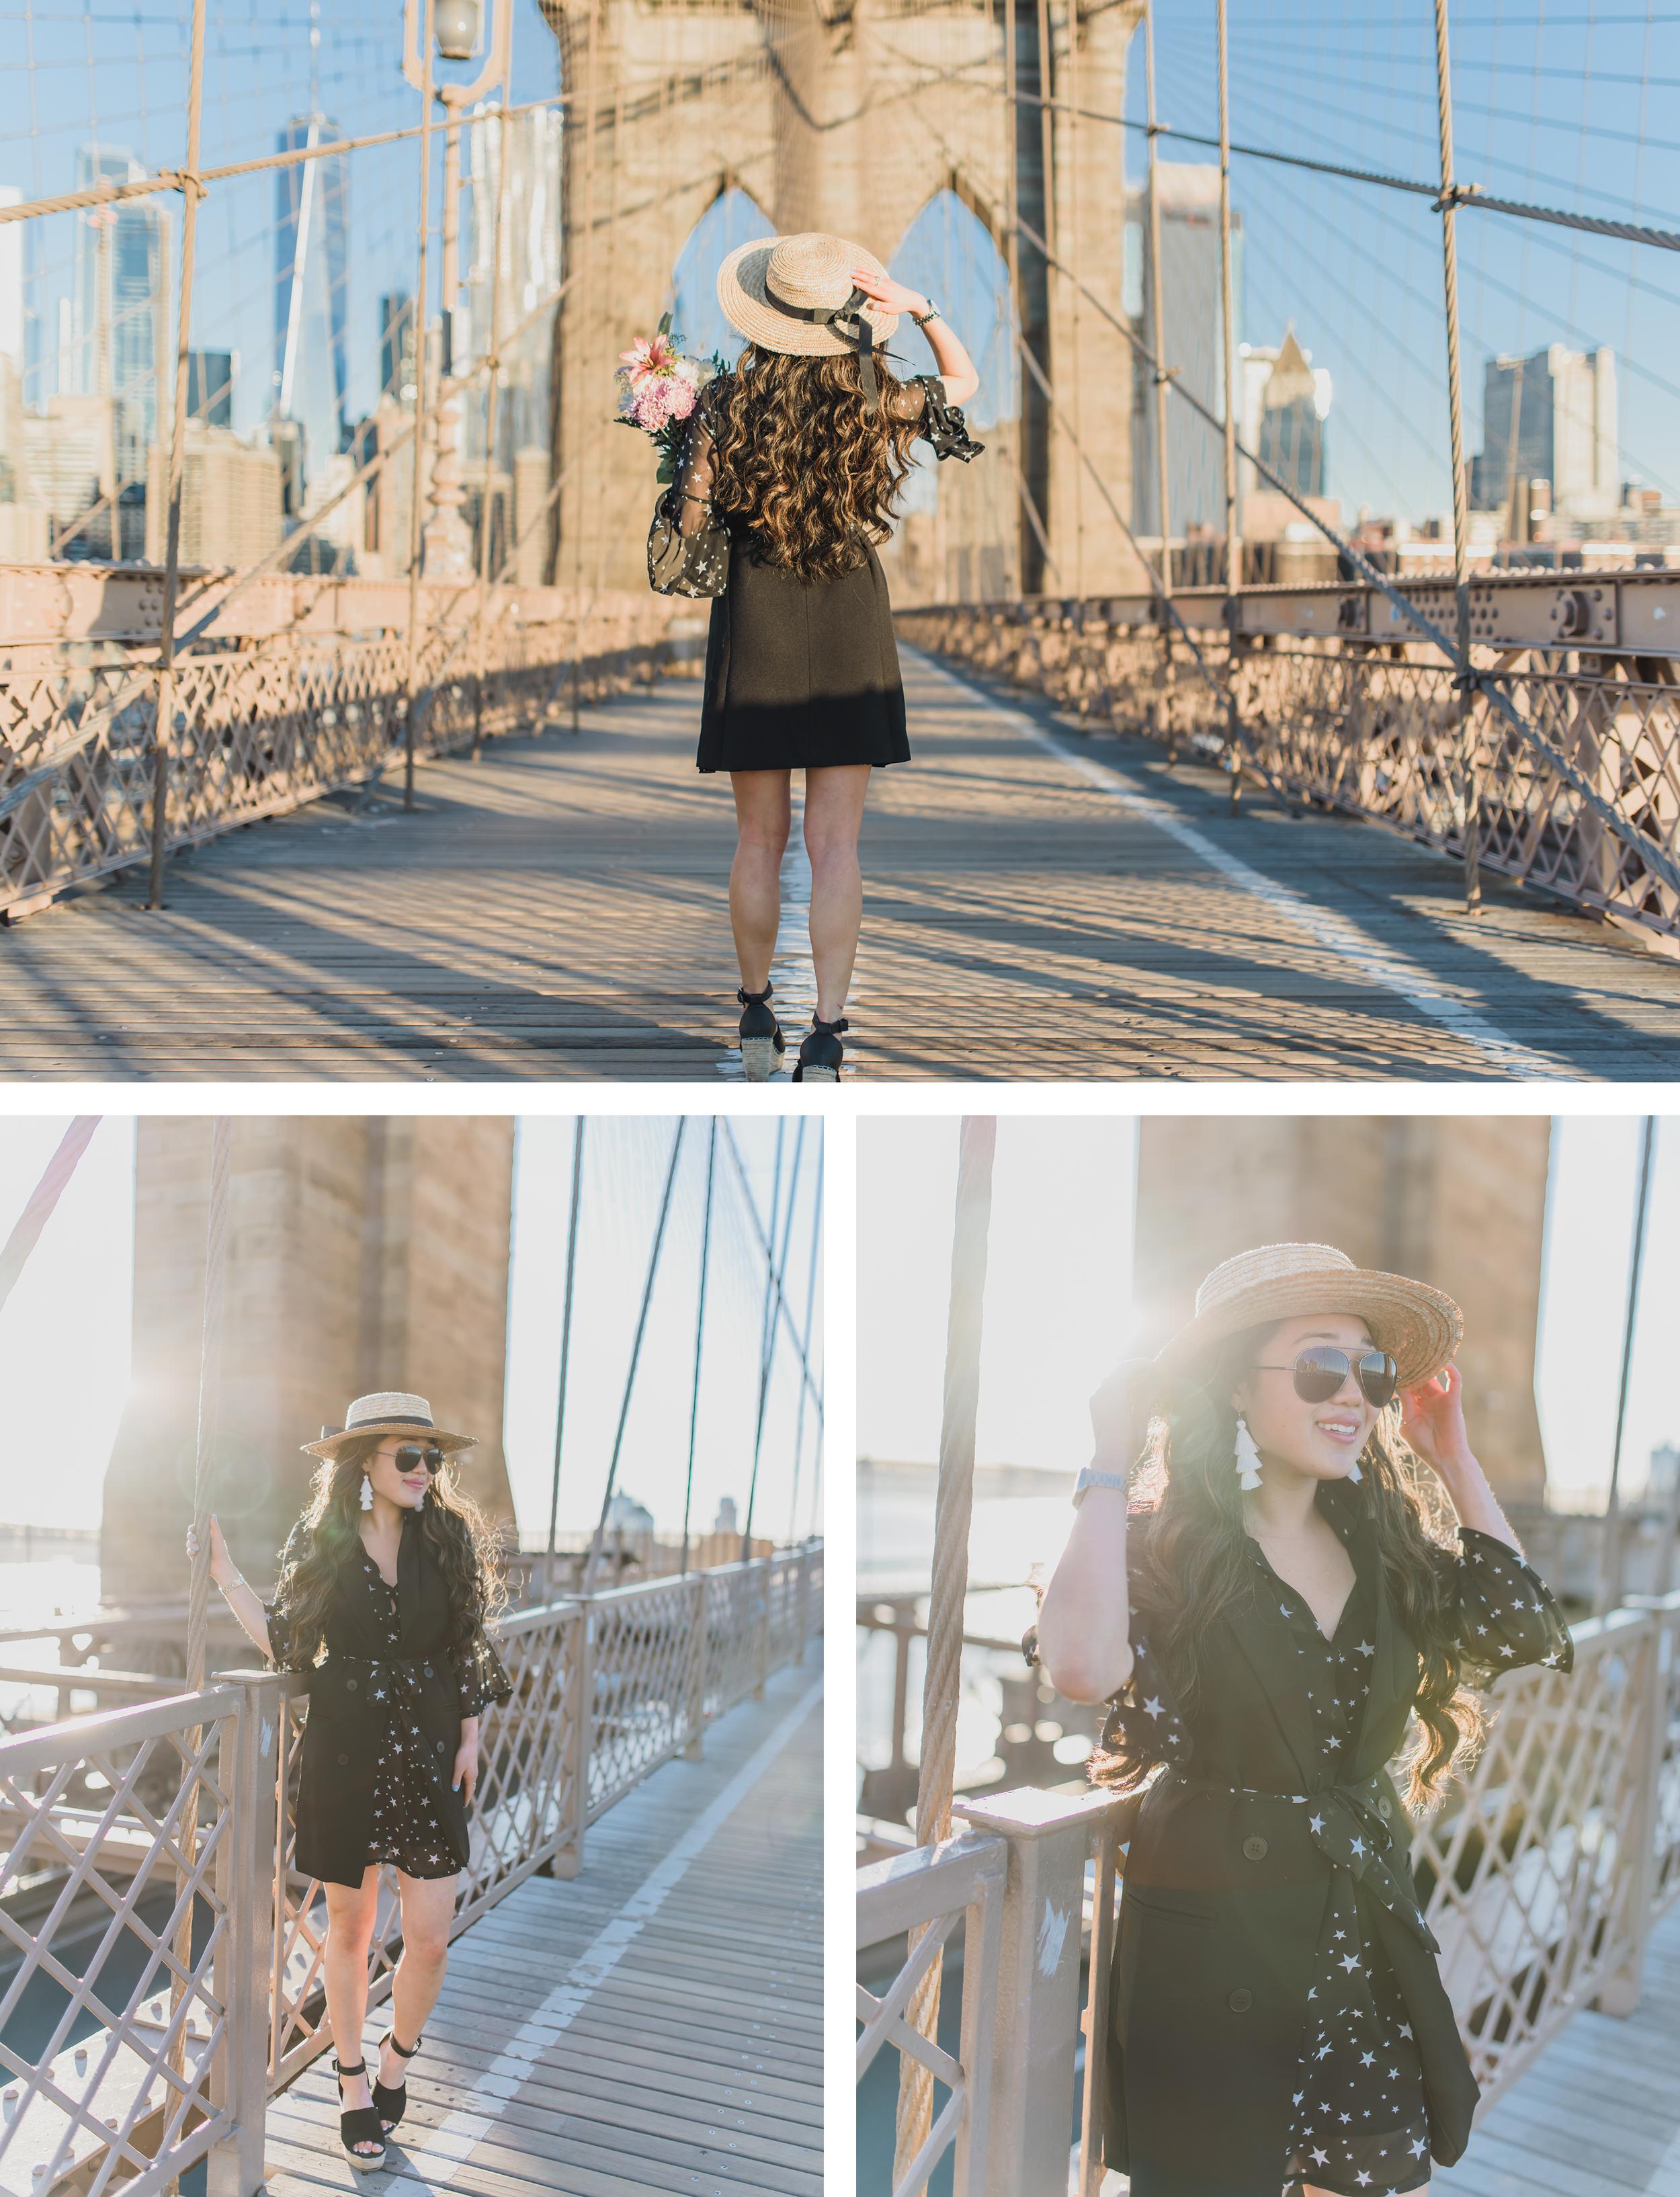 Grace Lee Brooklyn Bridge_Gallery 3.png